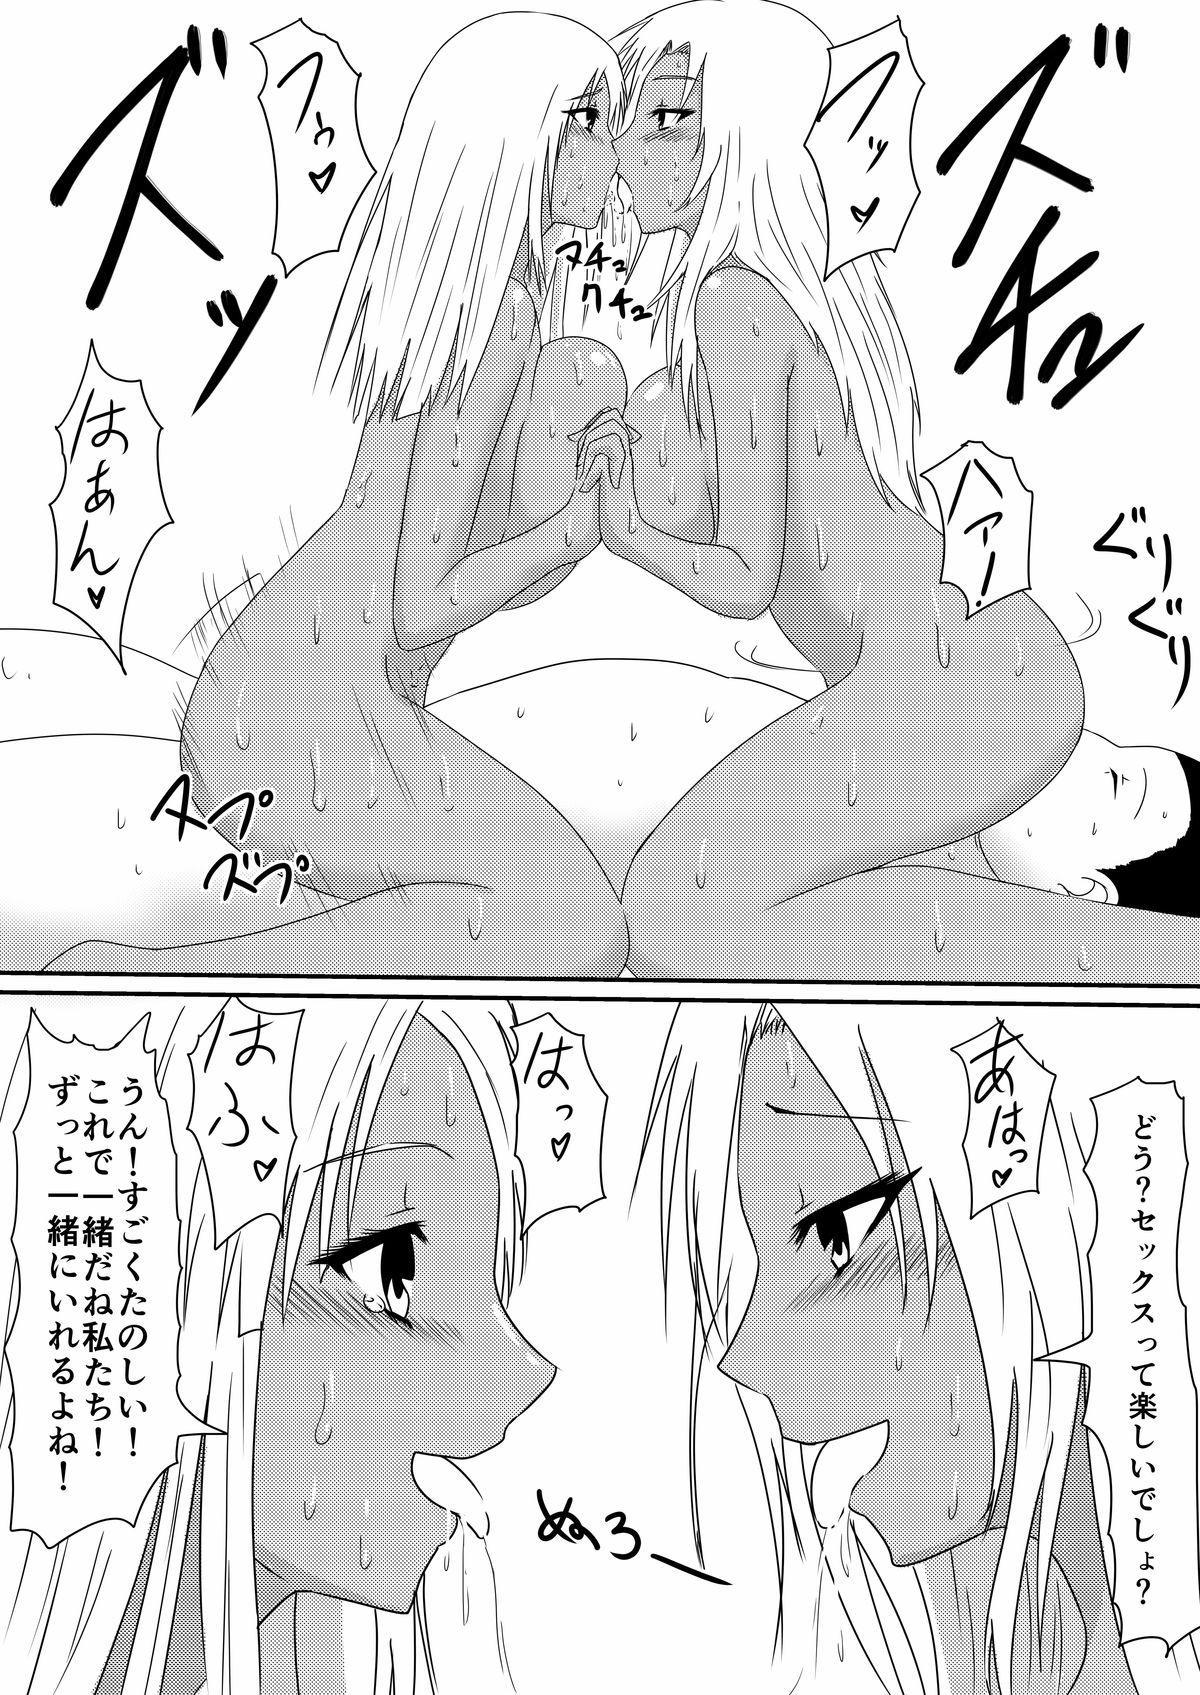 [Mikezoutei] Mashou no Chinko o Motsu Shounen ~Kare no Dankon wa Josei o Mesu e to Kaeru~ Zenpen 65